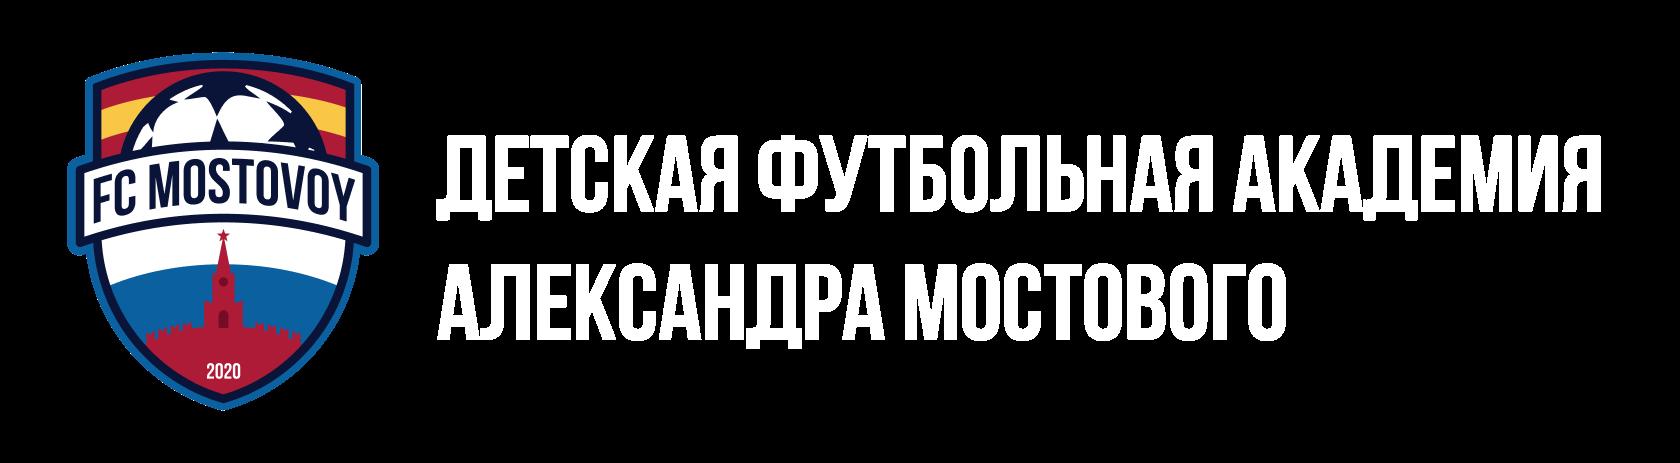 Футбольная Академия Александра Мостового